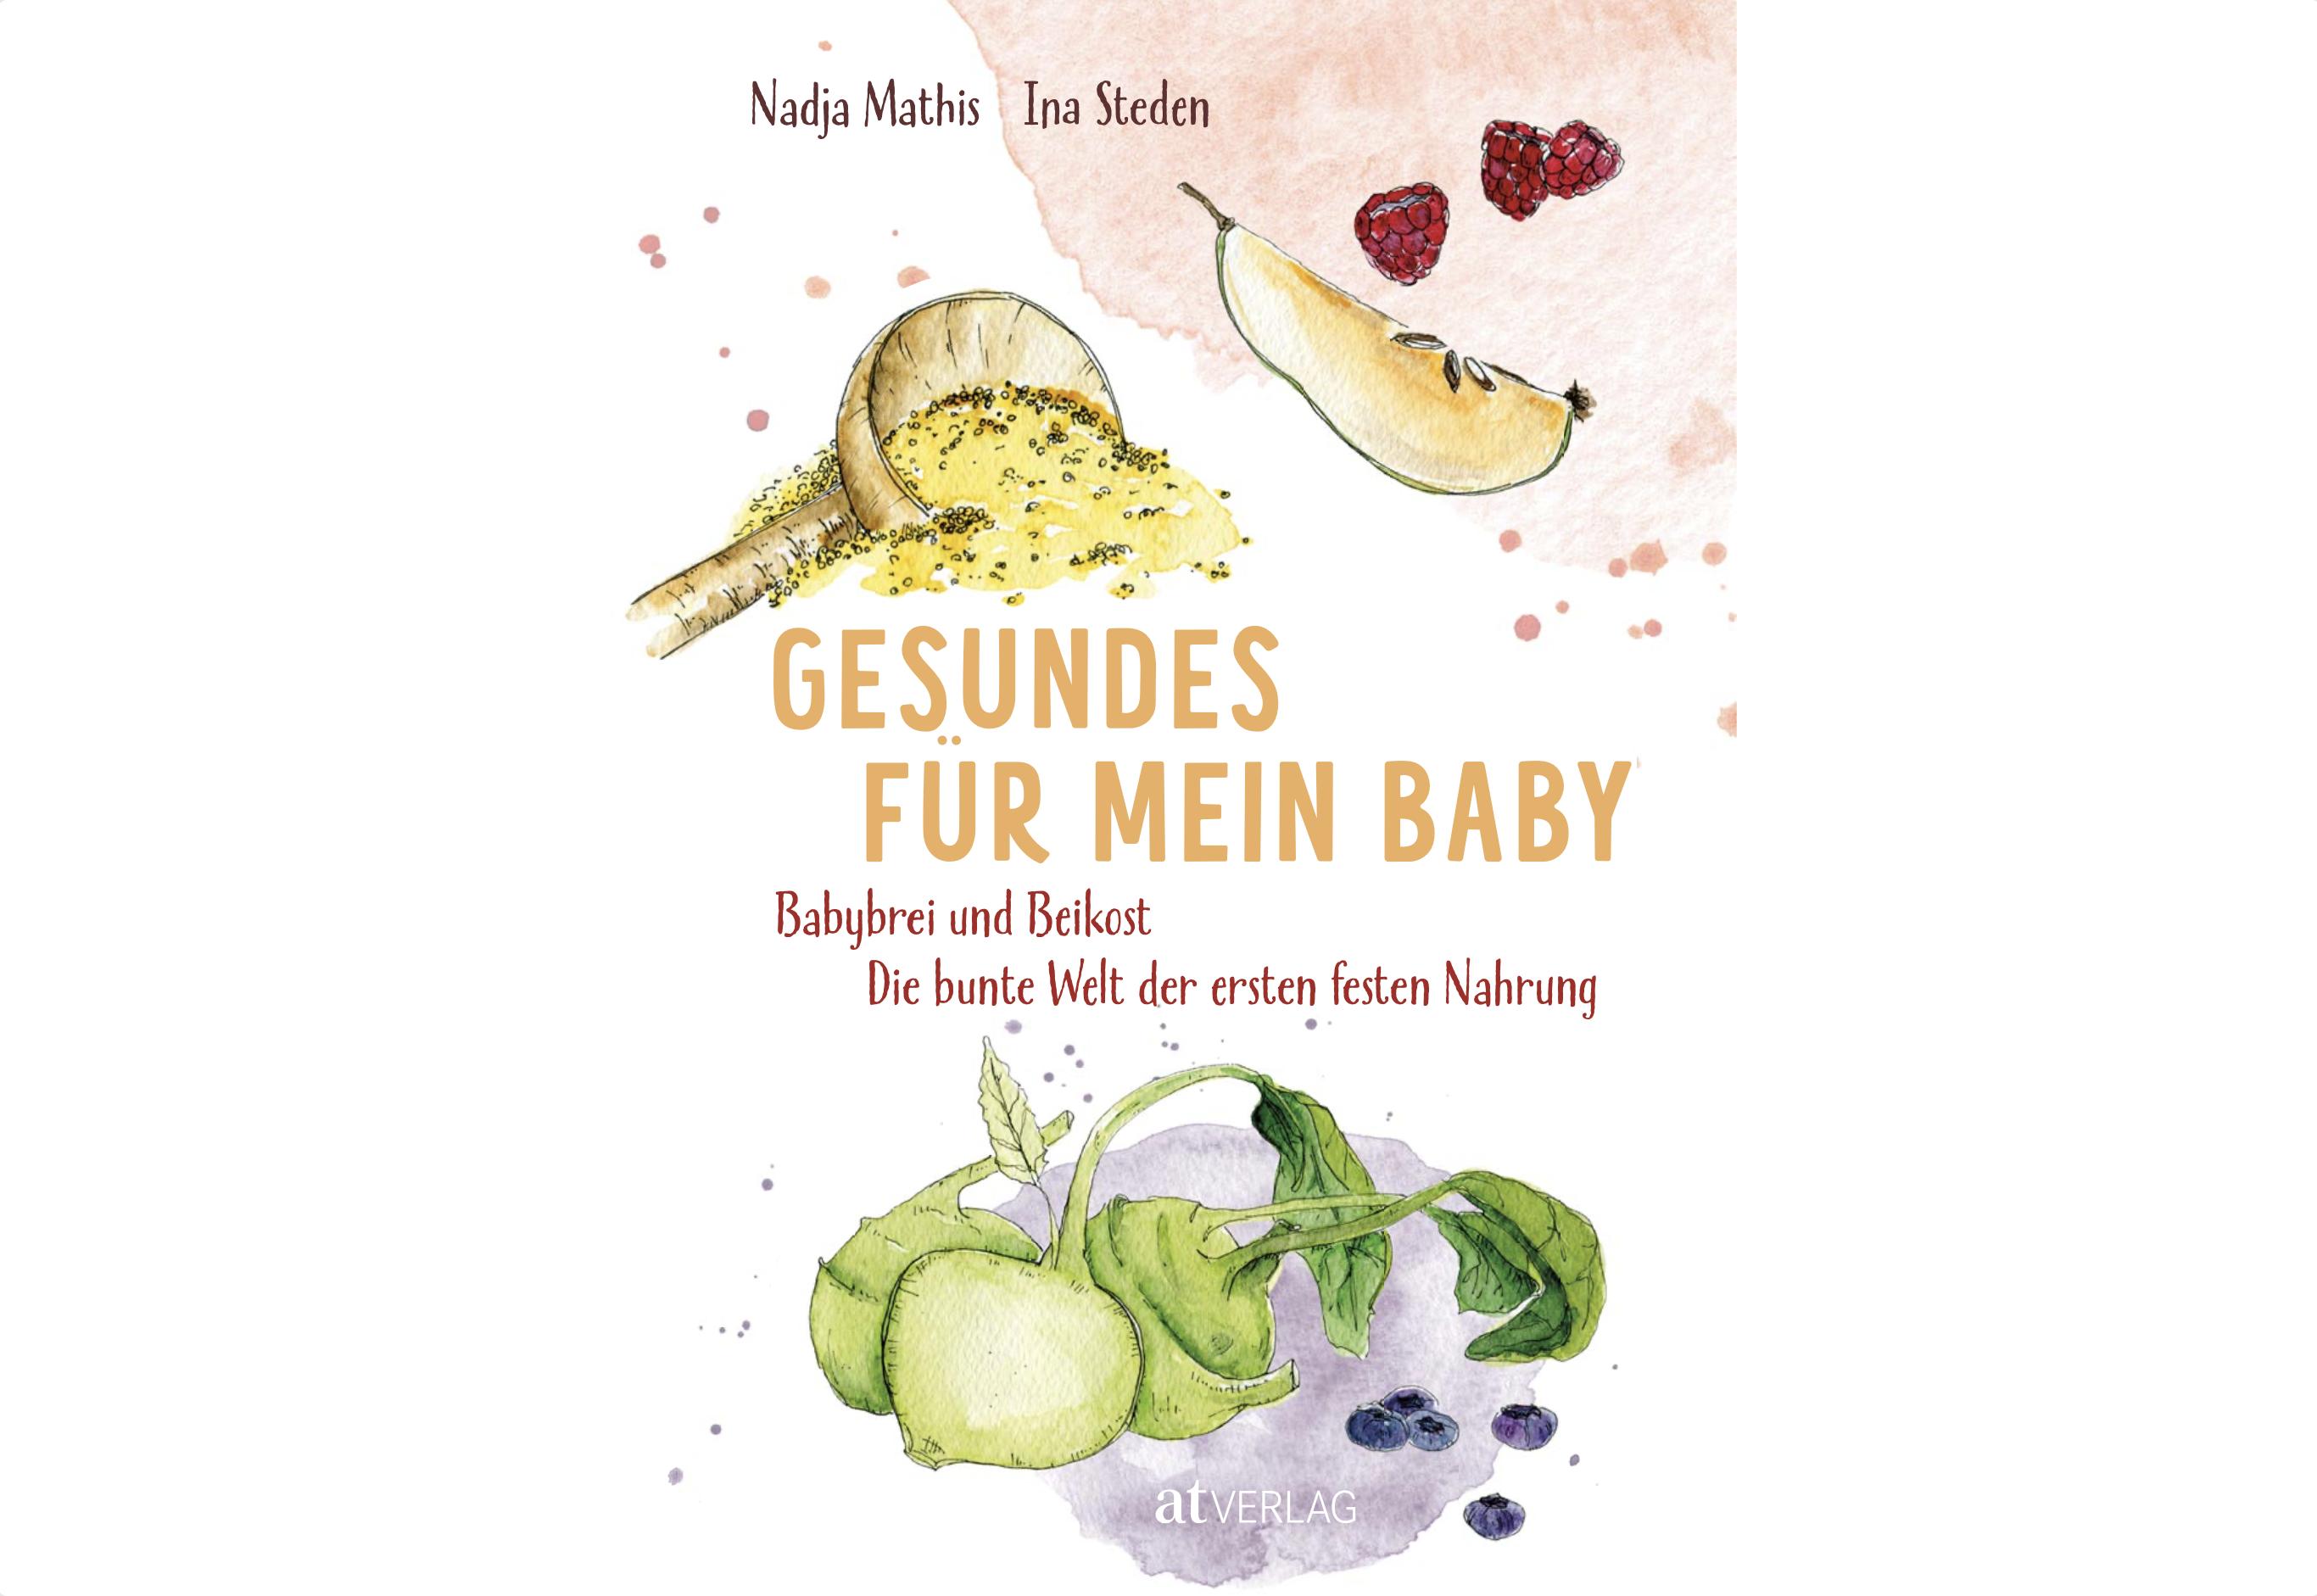 gesundes_fur_mein_baby_titel-1